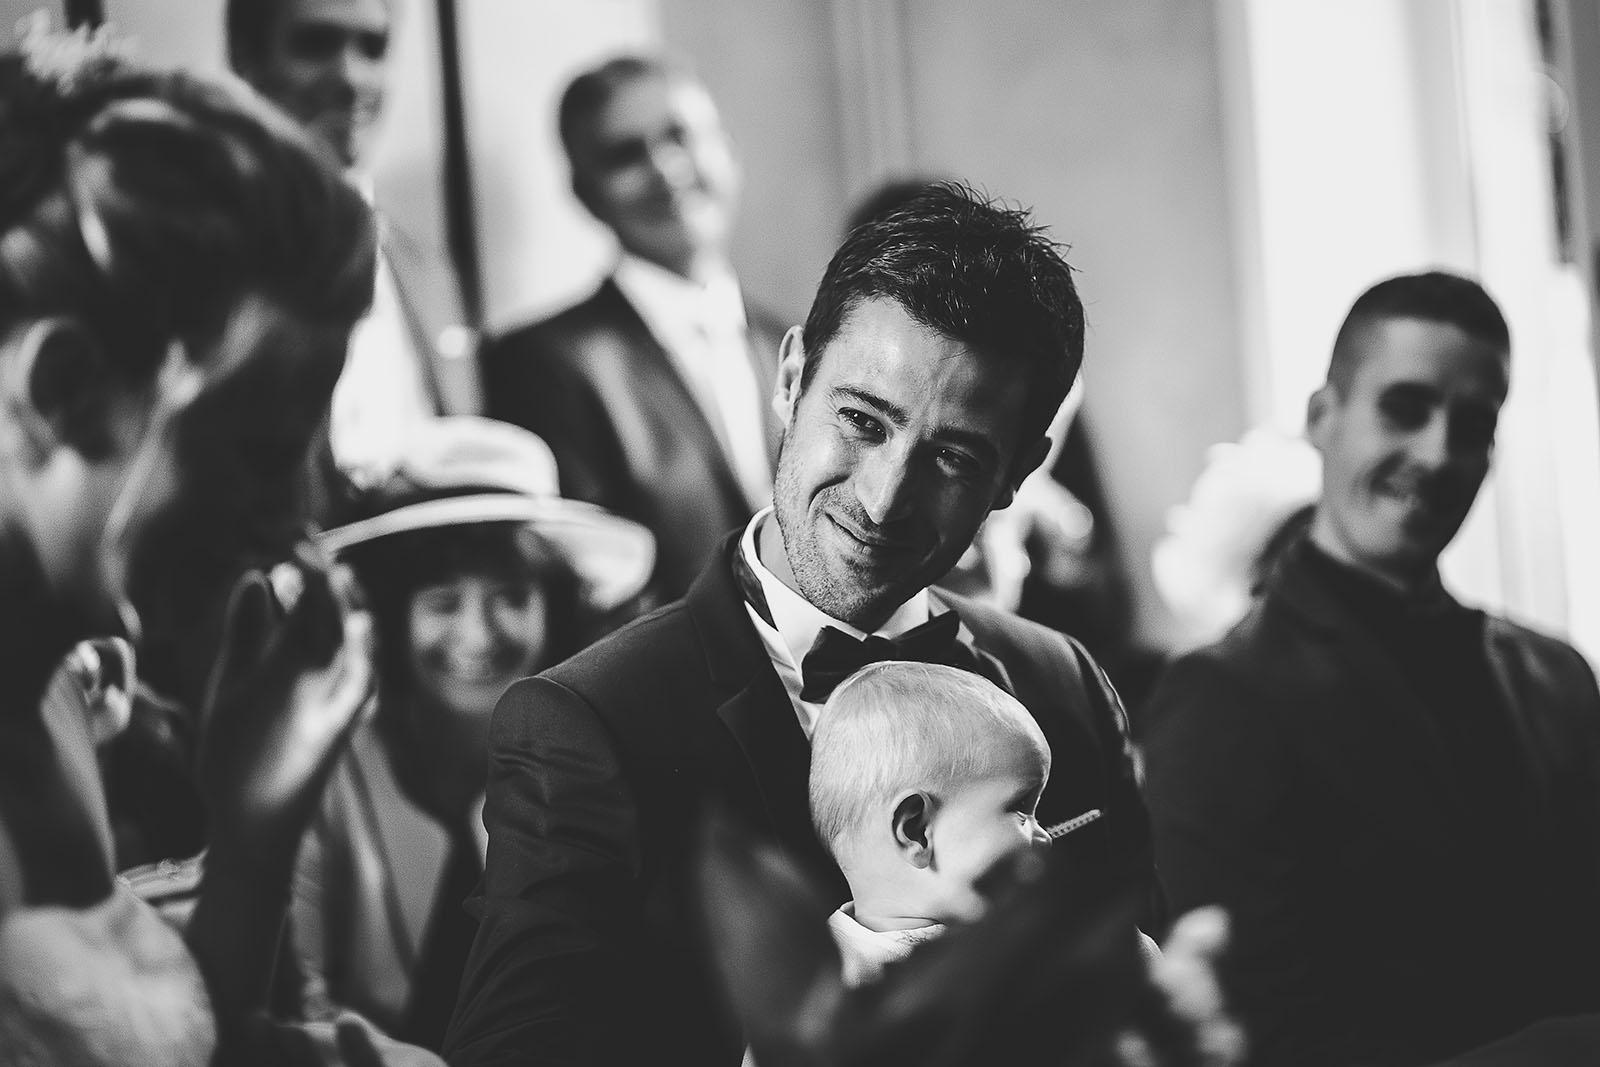 photographe-mariage-lyon-emotion-noir-blanc-intense-magnifique-lumiere-davidpommier (40)